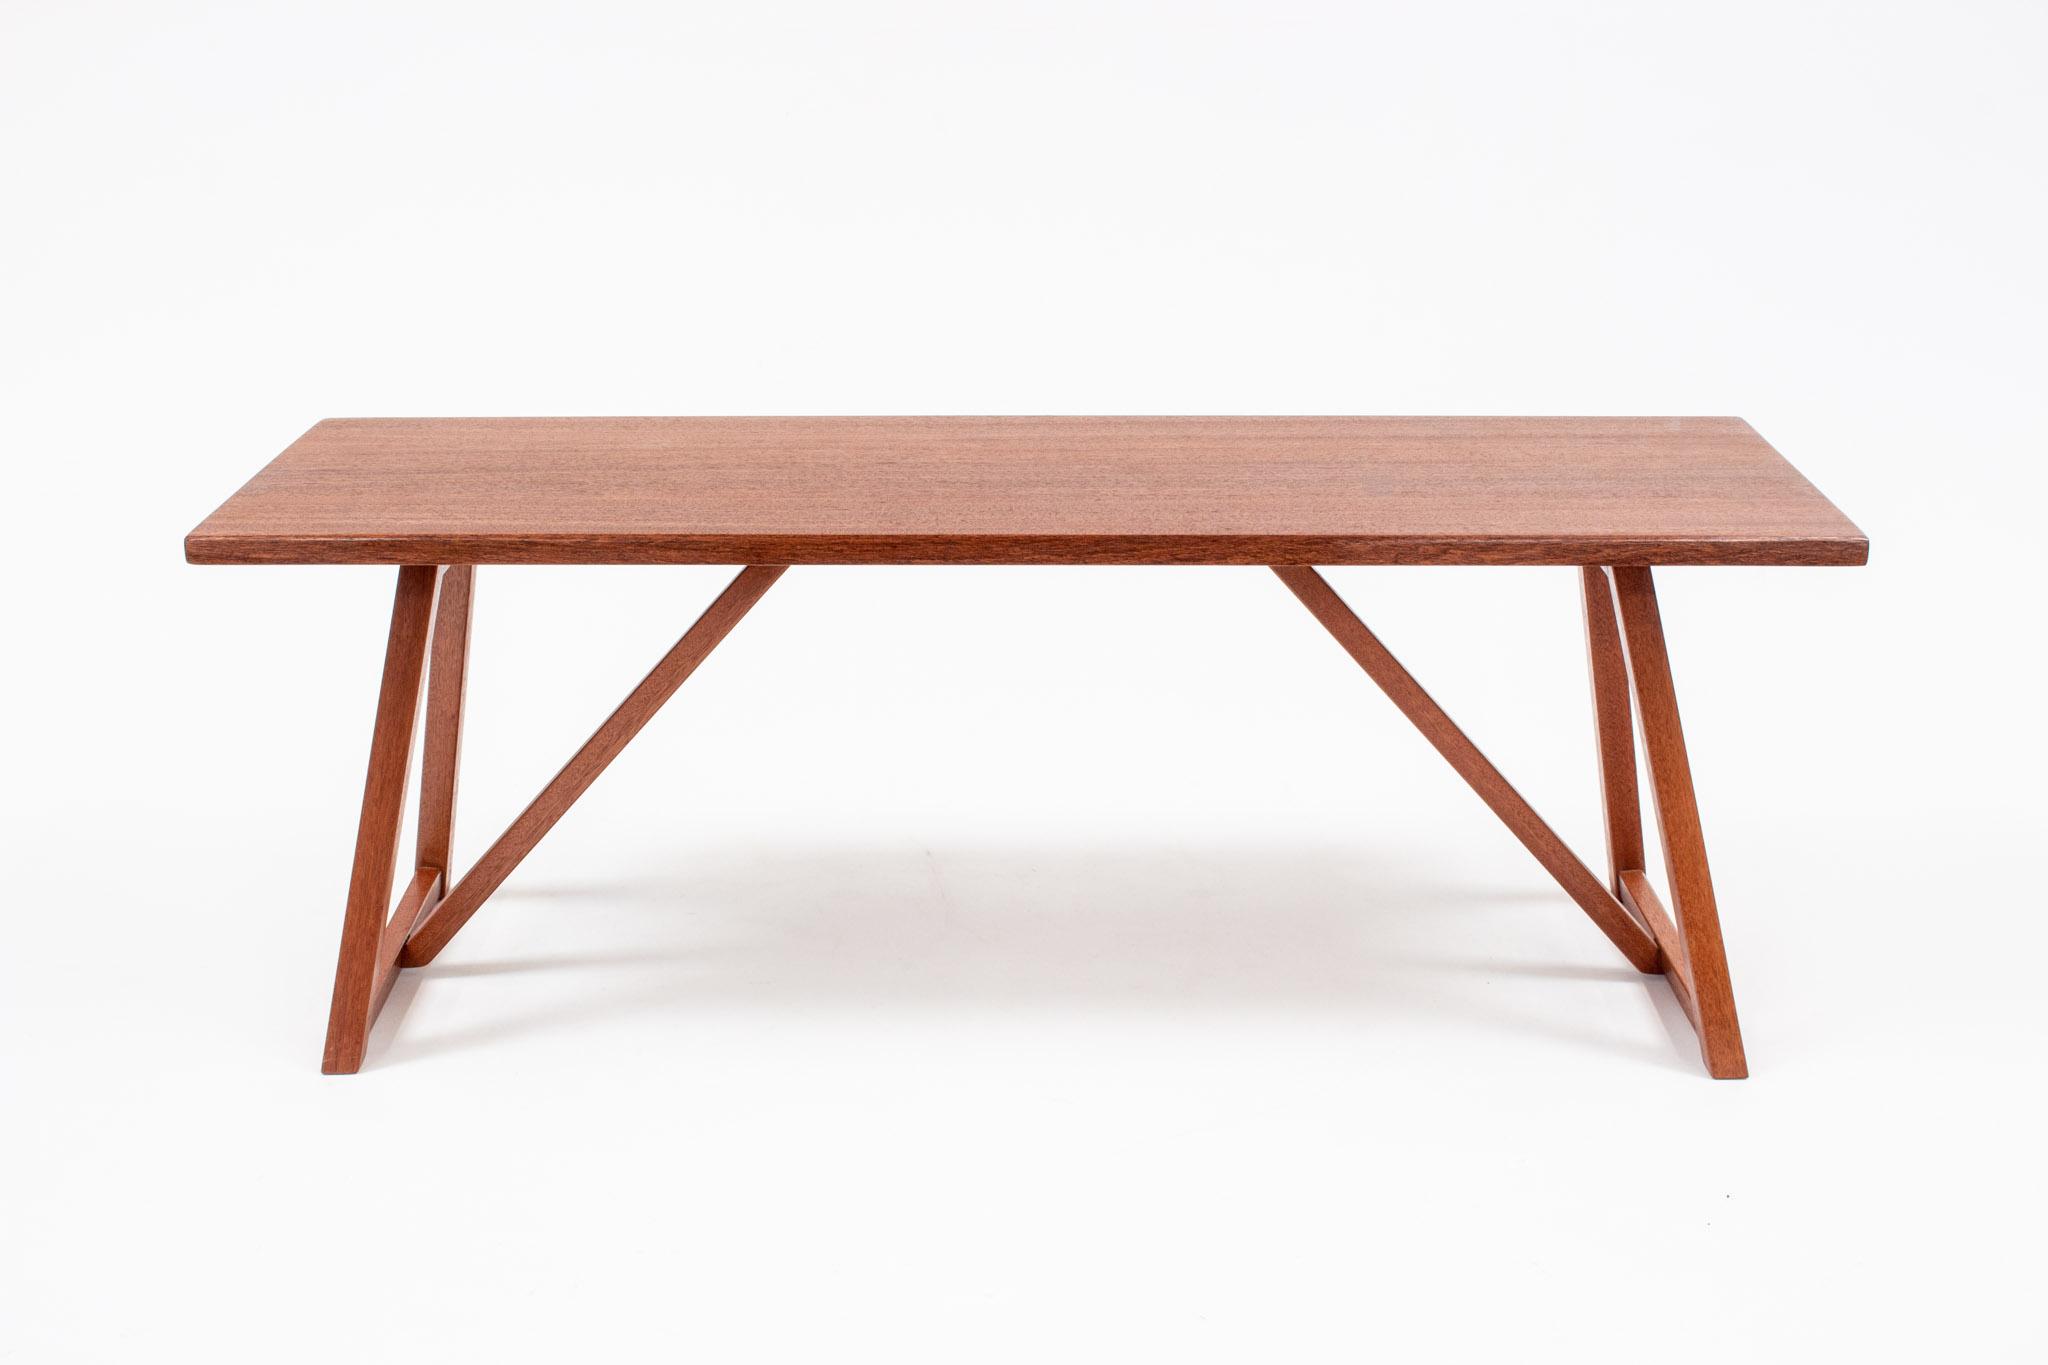 Daly jatoba bench